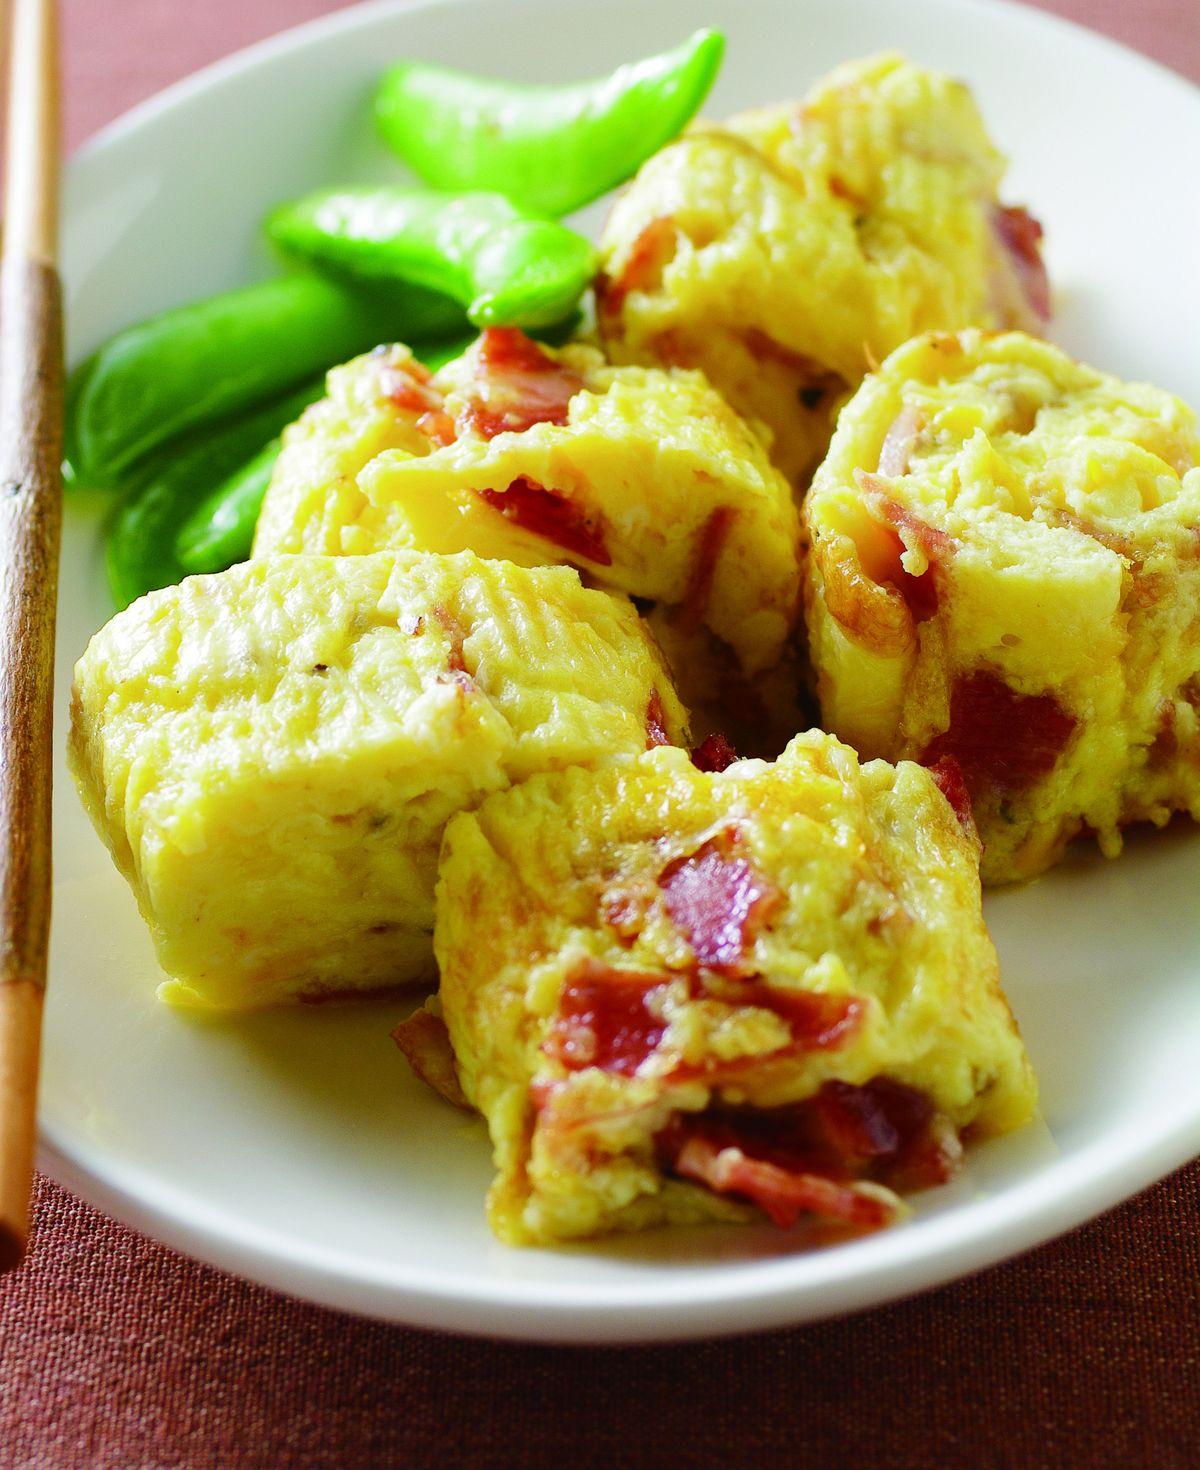 食譜:乳酪蛋卷